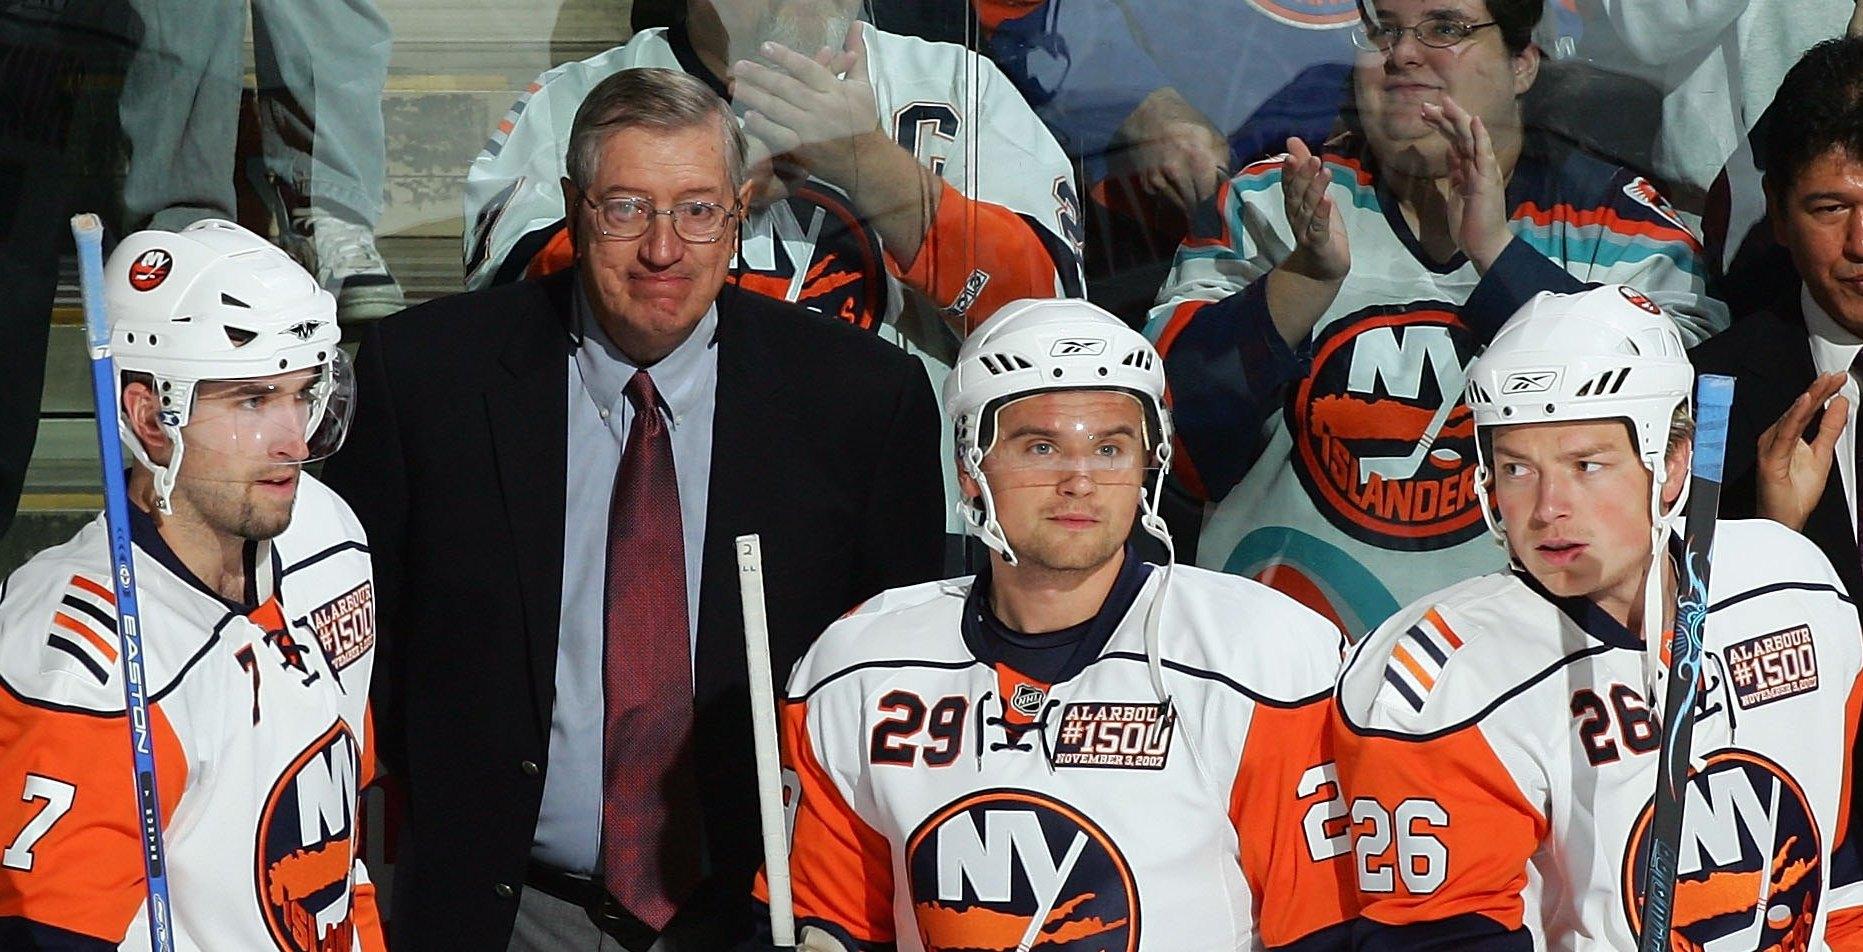 NHL: Preminuo slavni trener Al Arbour